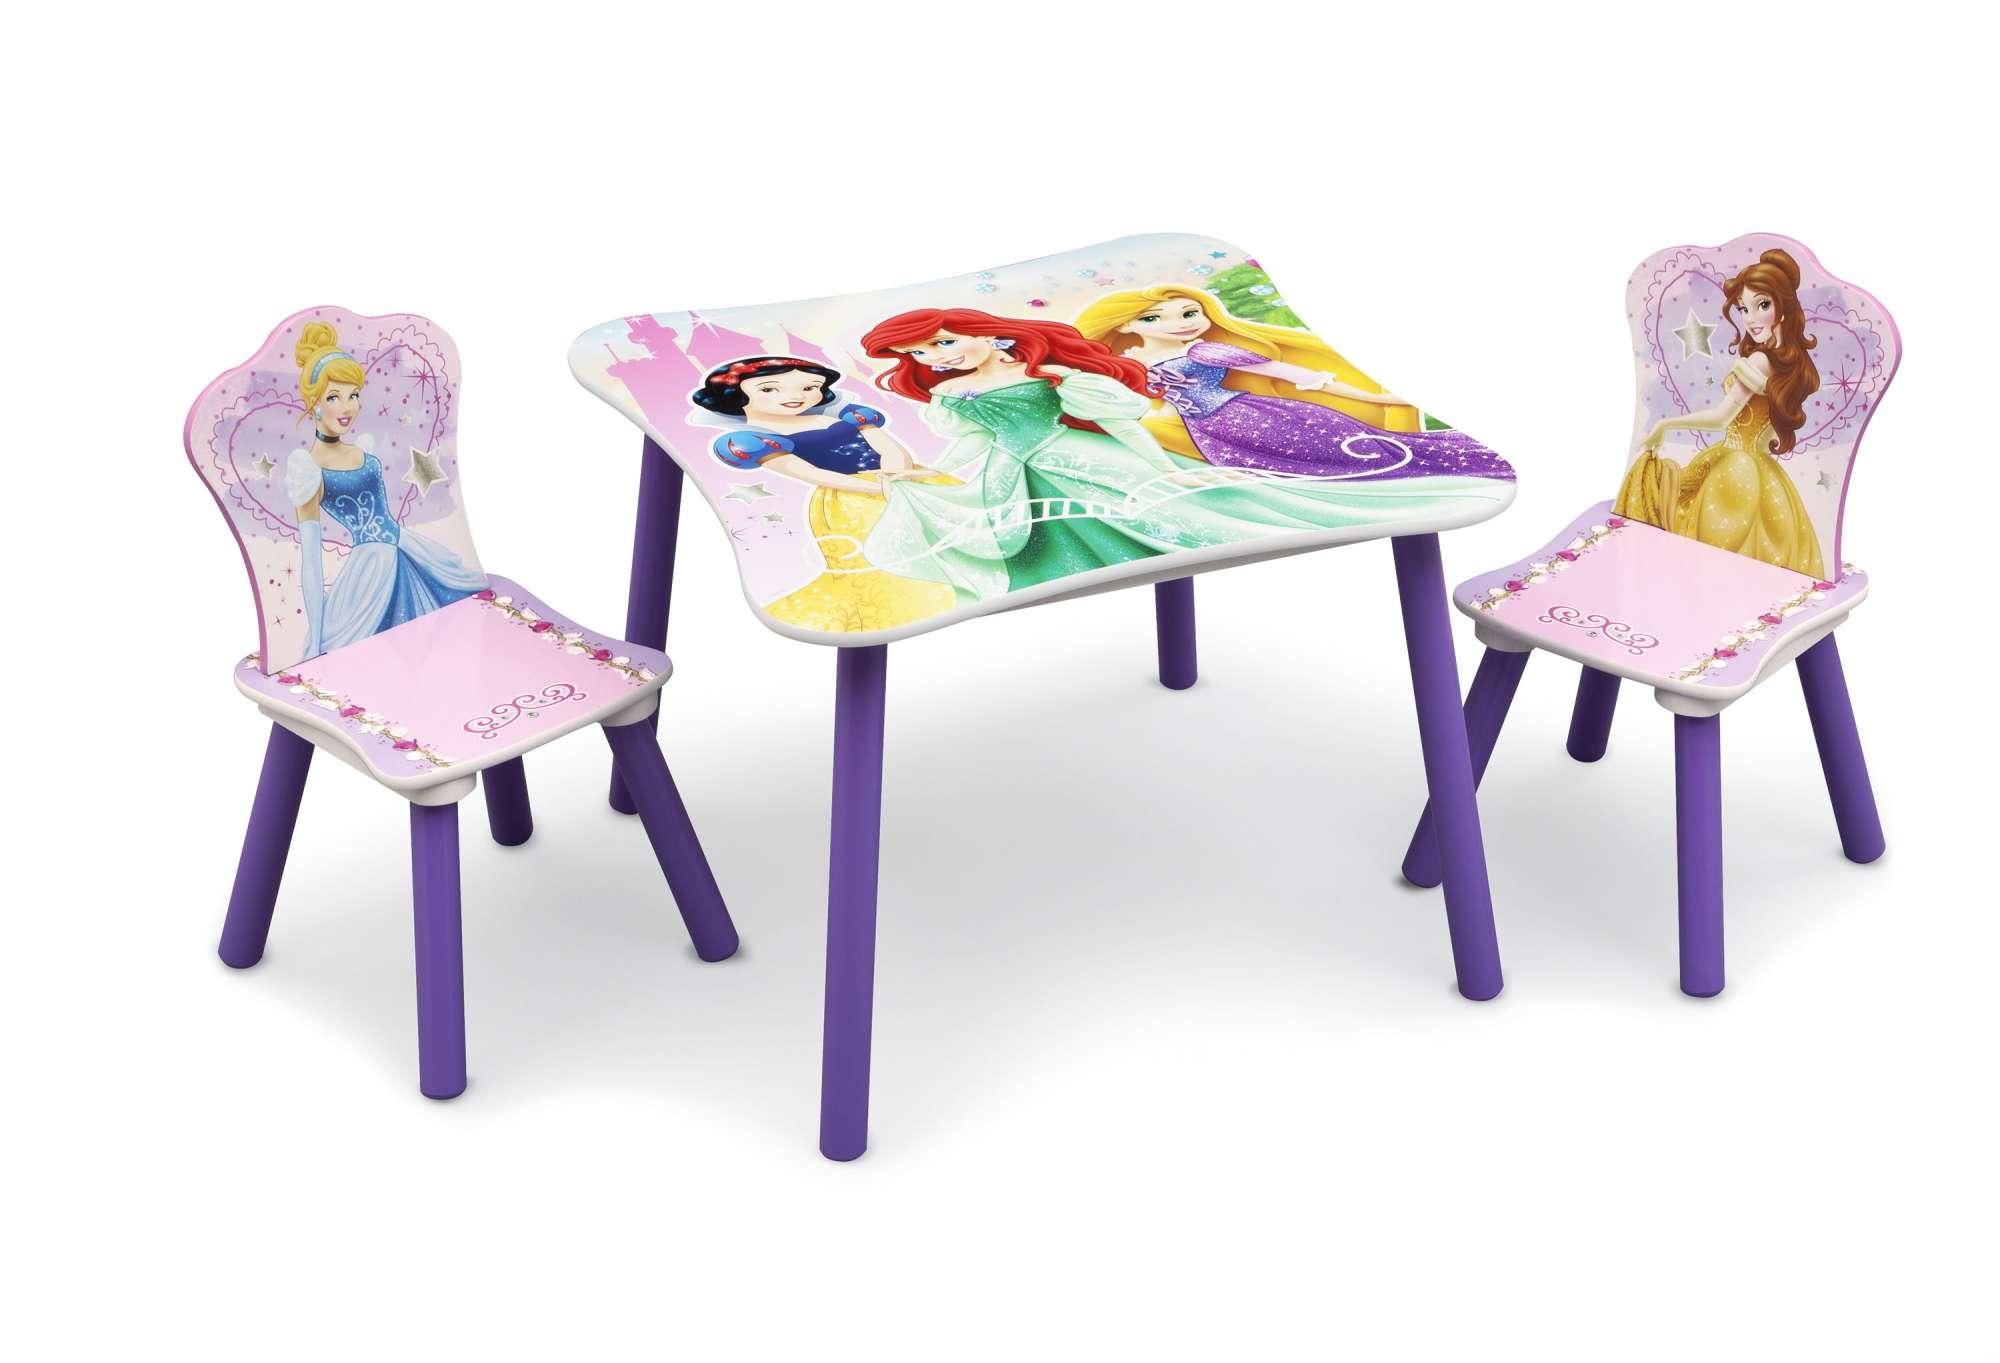 Dětský stůl s židlemi Princezny - Princess